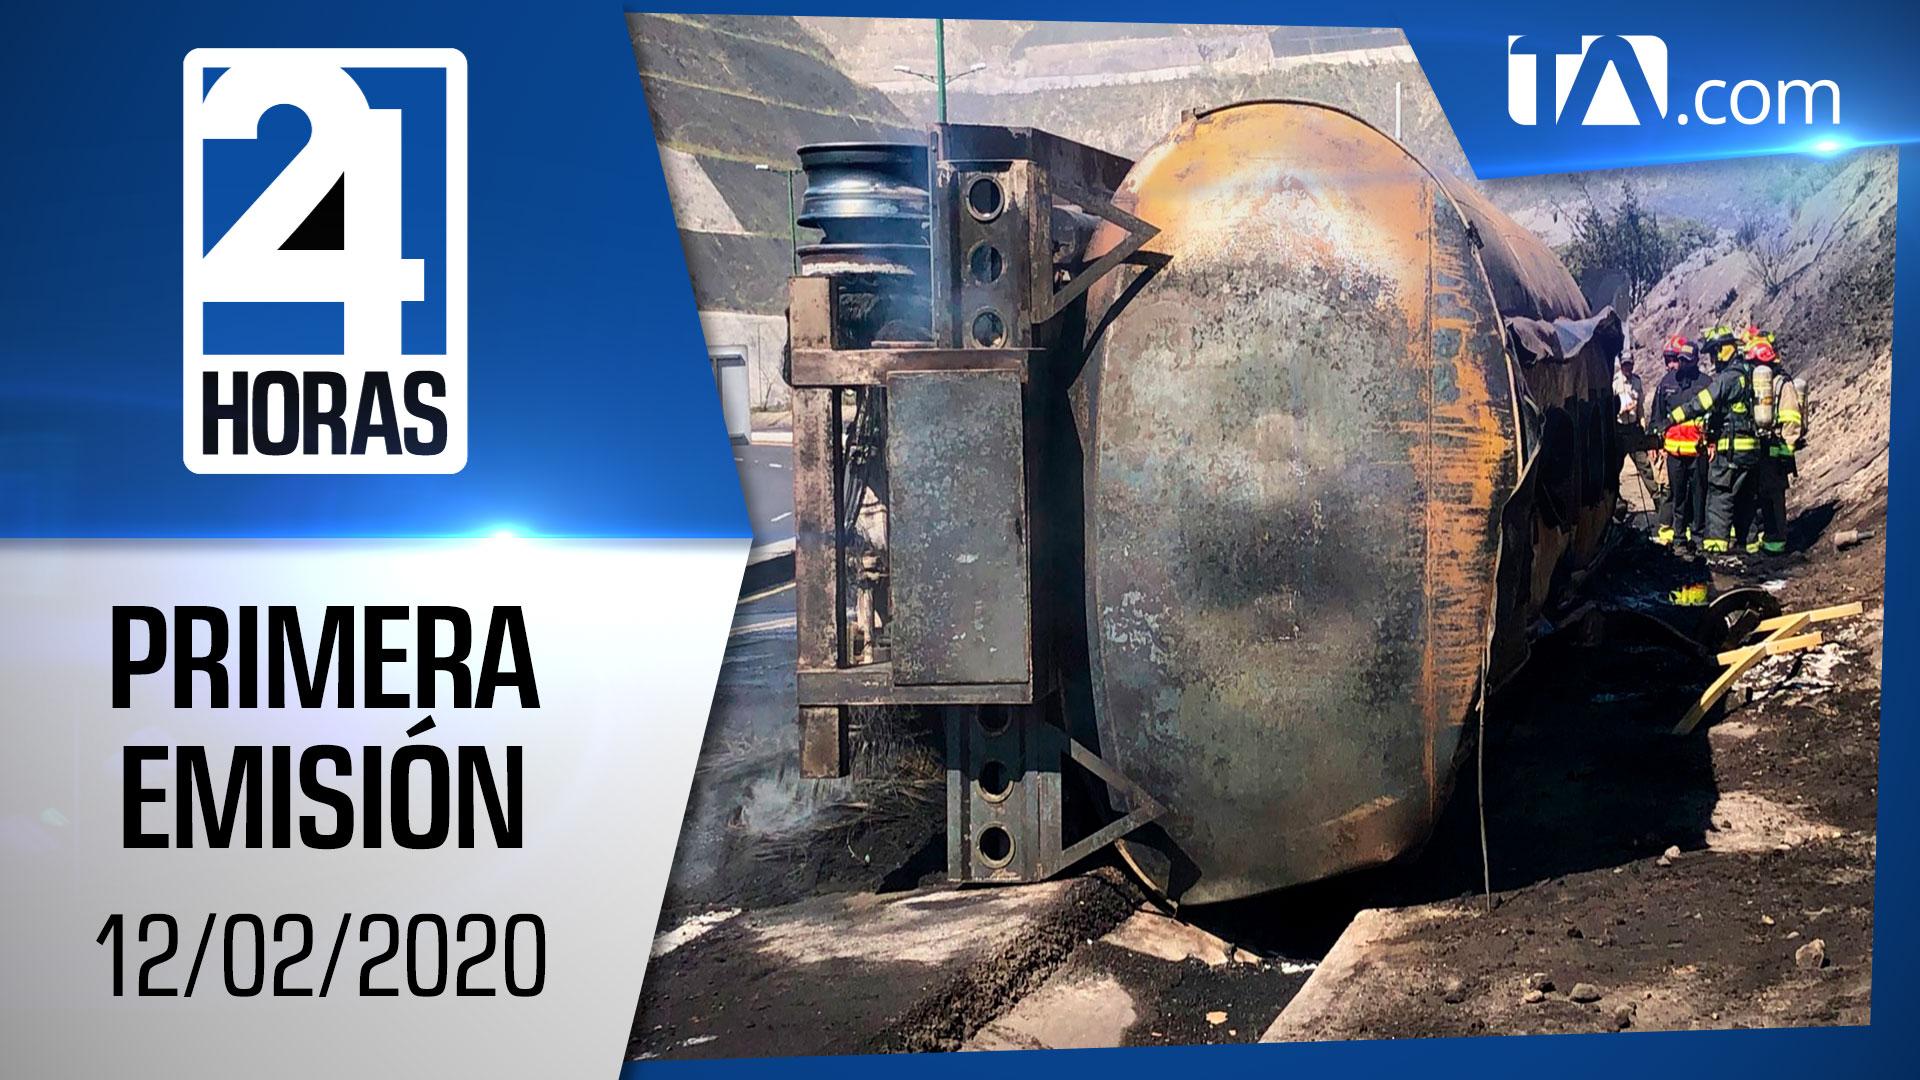 Noticias Ecuador: Noticiero 24 Horas 12/02/2020 (Primera Emisión)